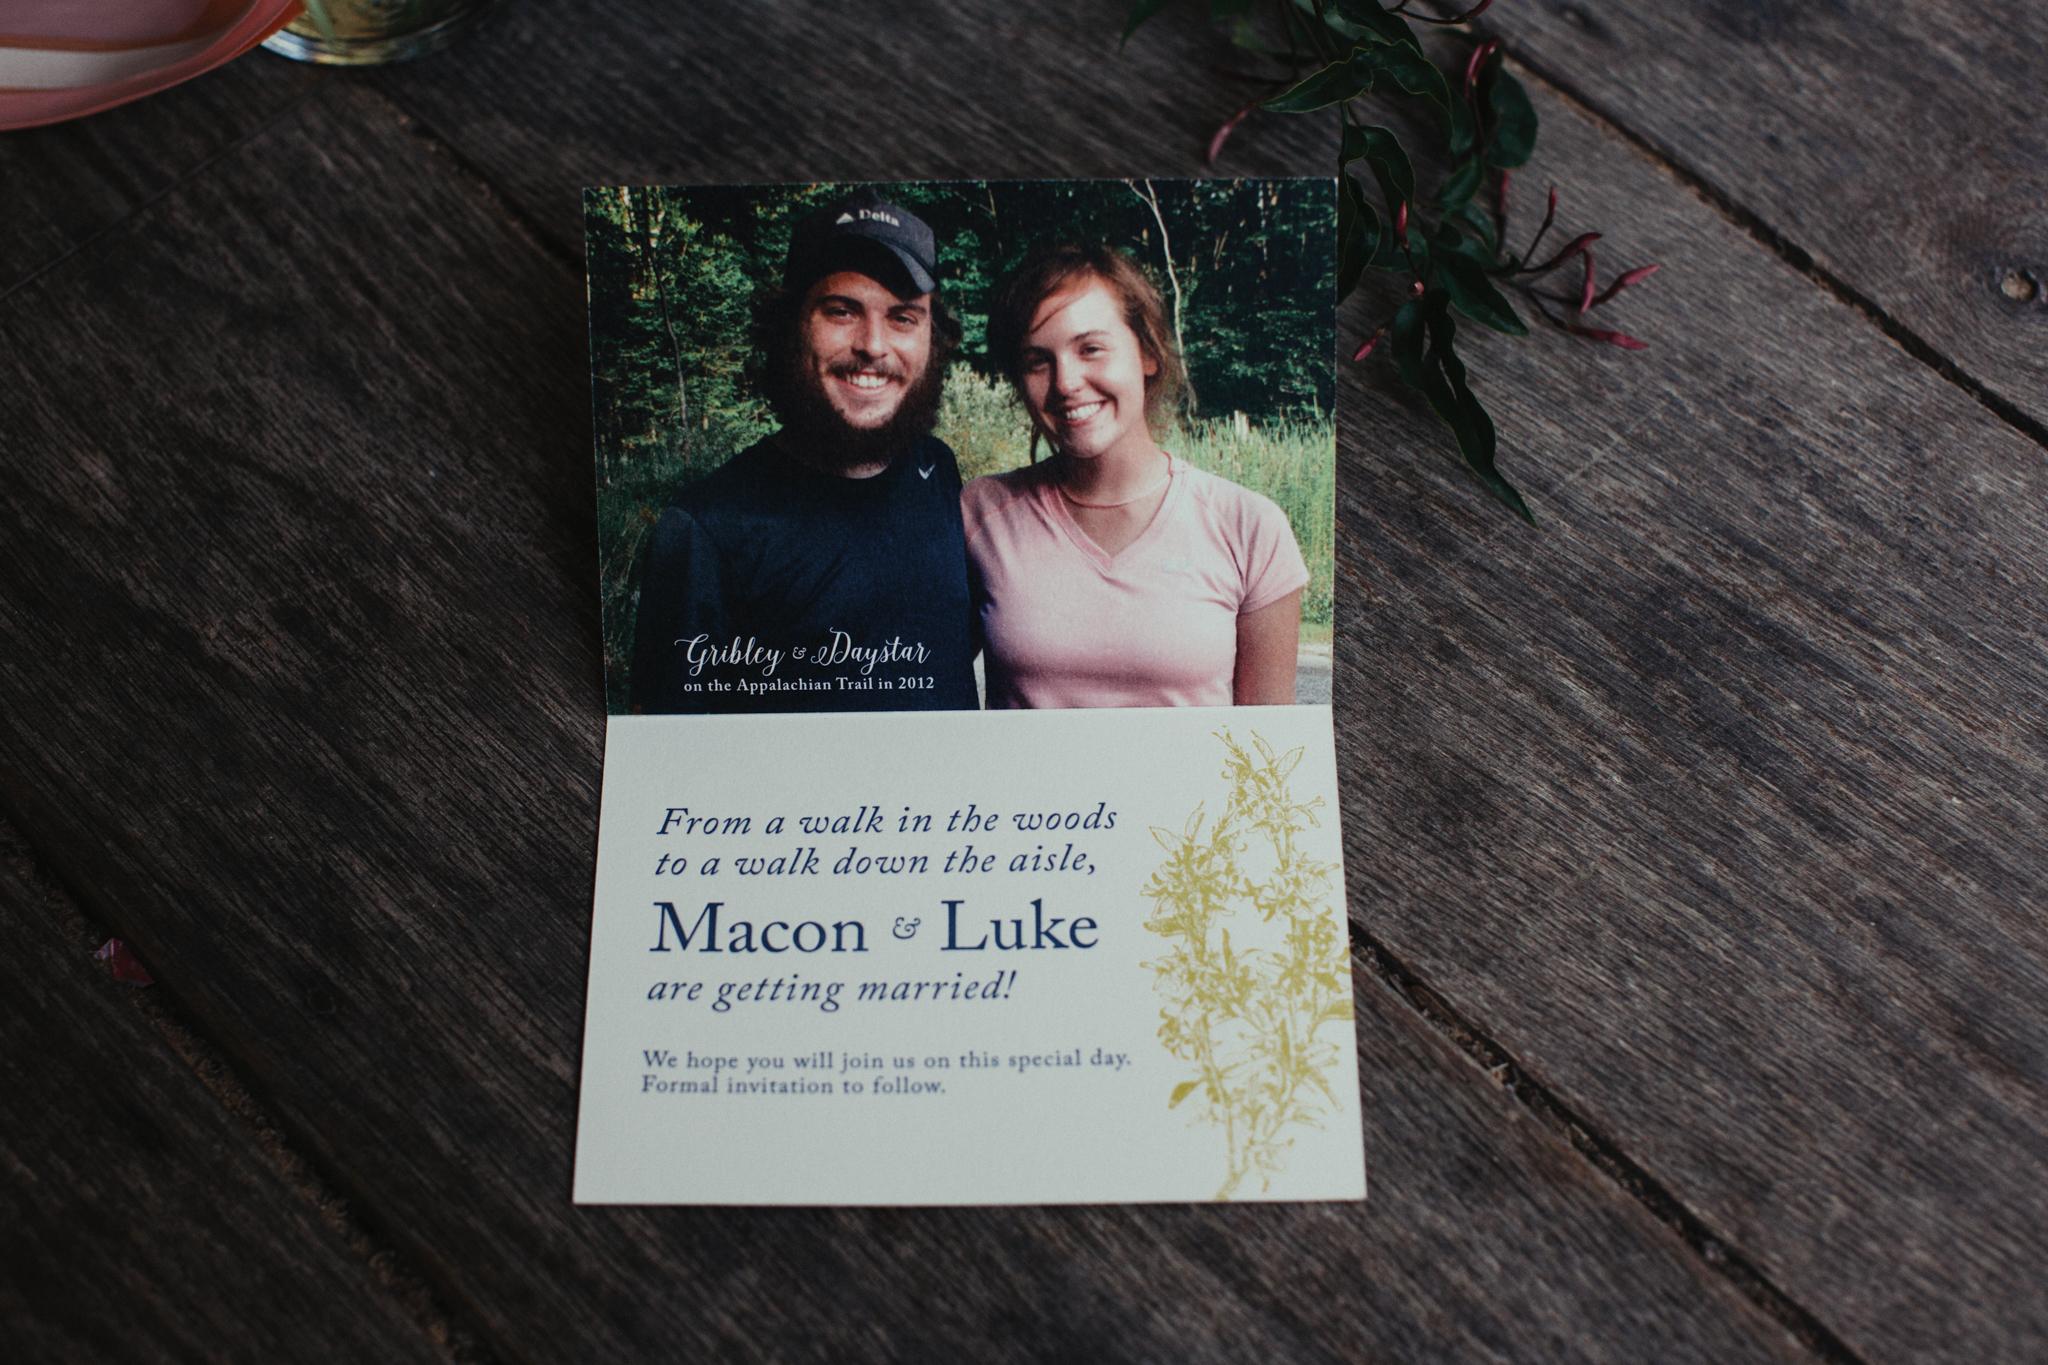 macon-luke-kanuga-wedding-web-resize-34.jpg